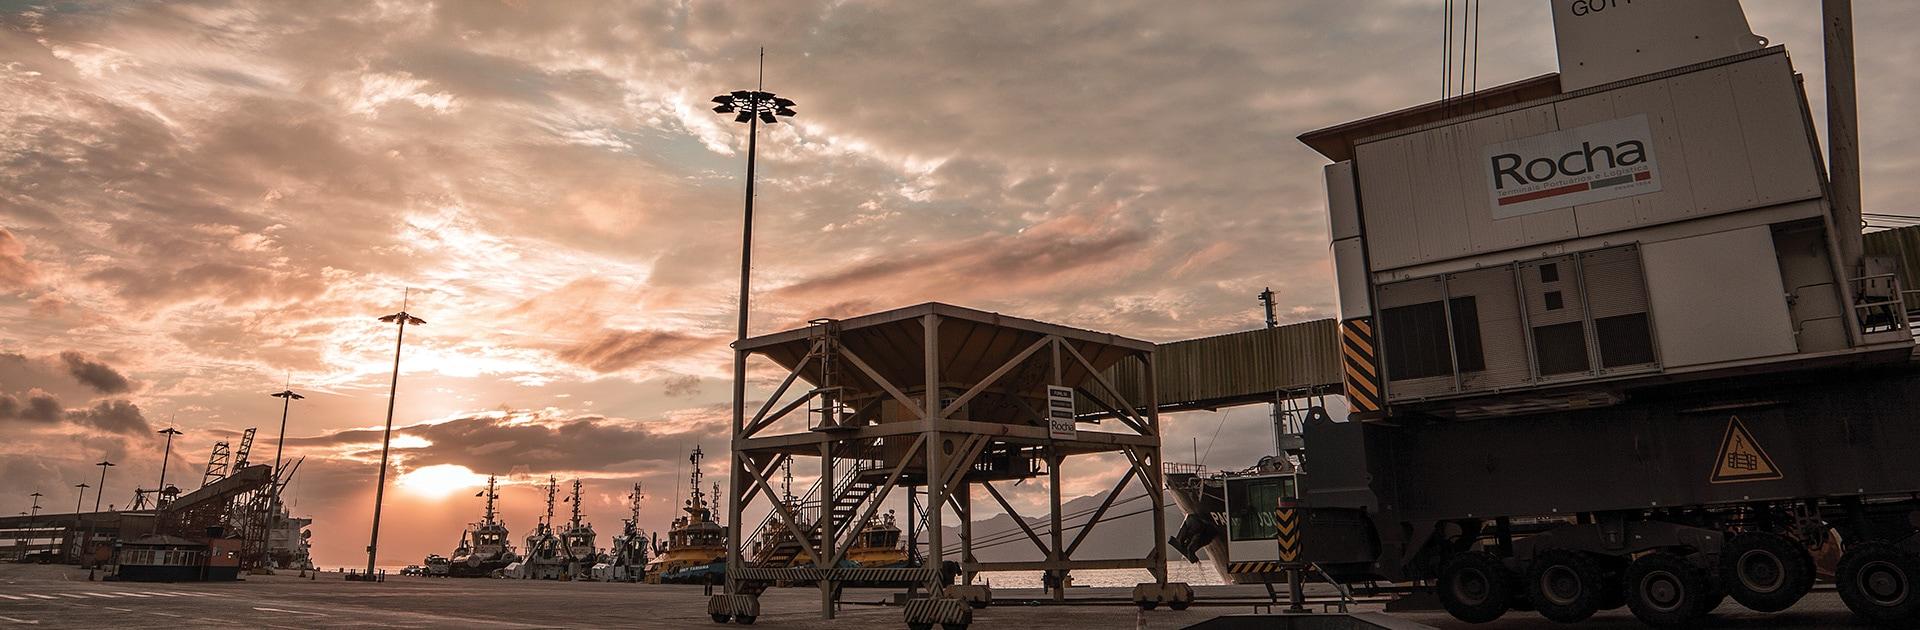 Granel de Importação - Rocha Terminais Portuários e Logística